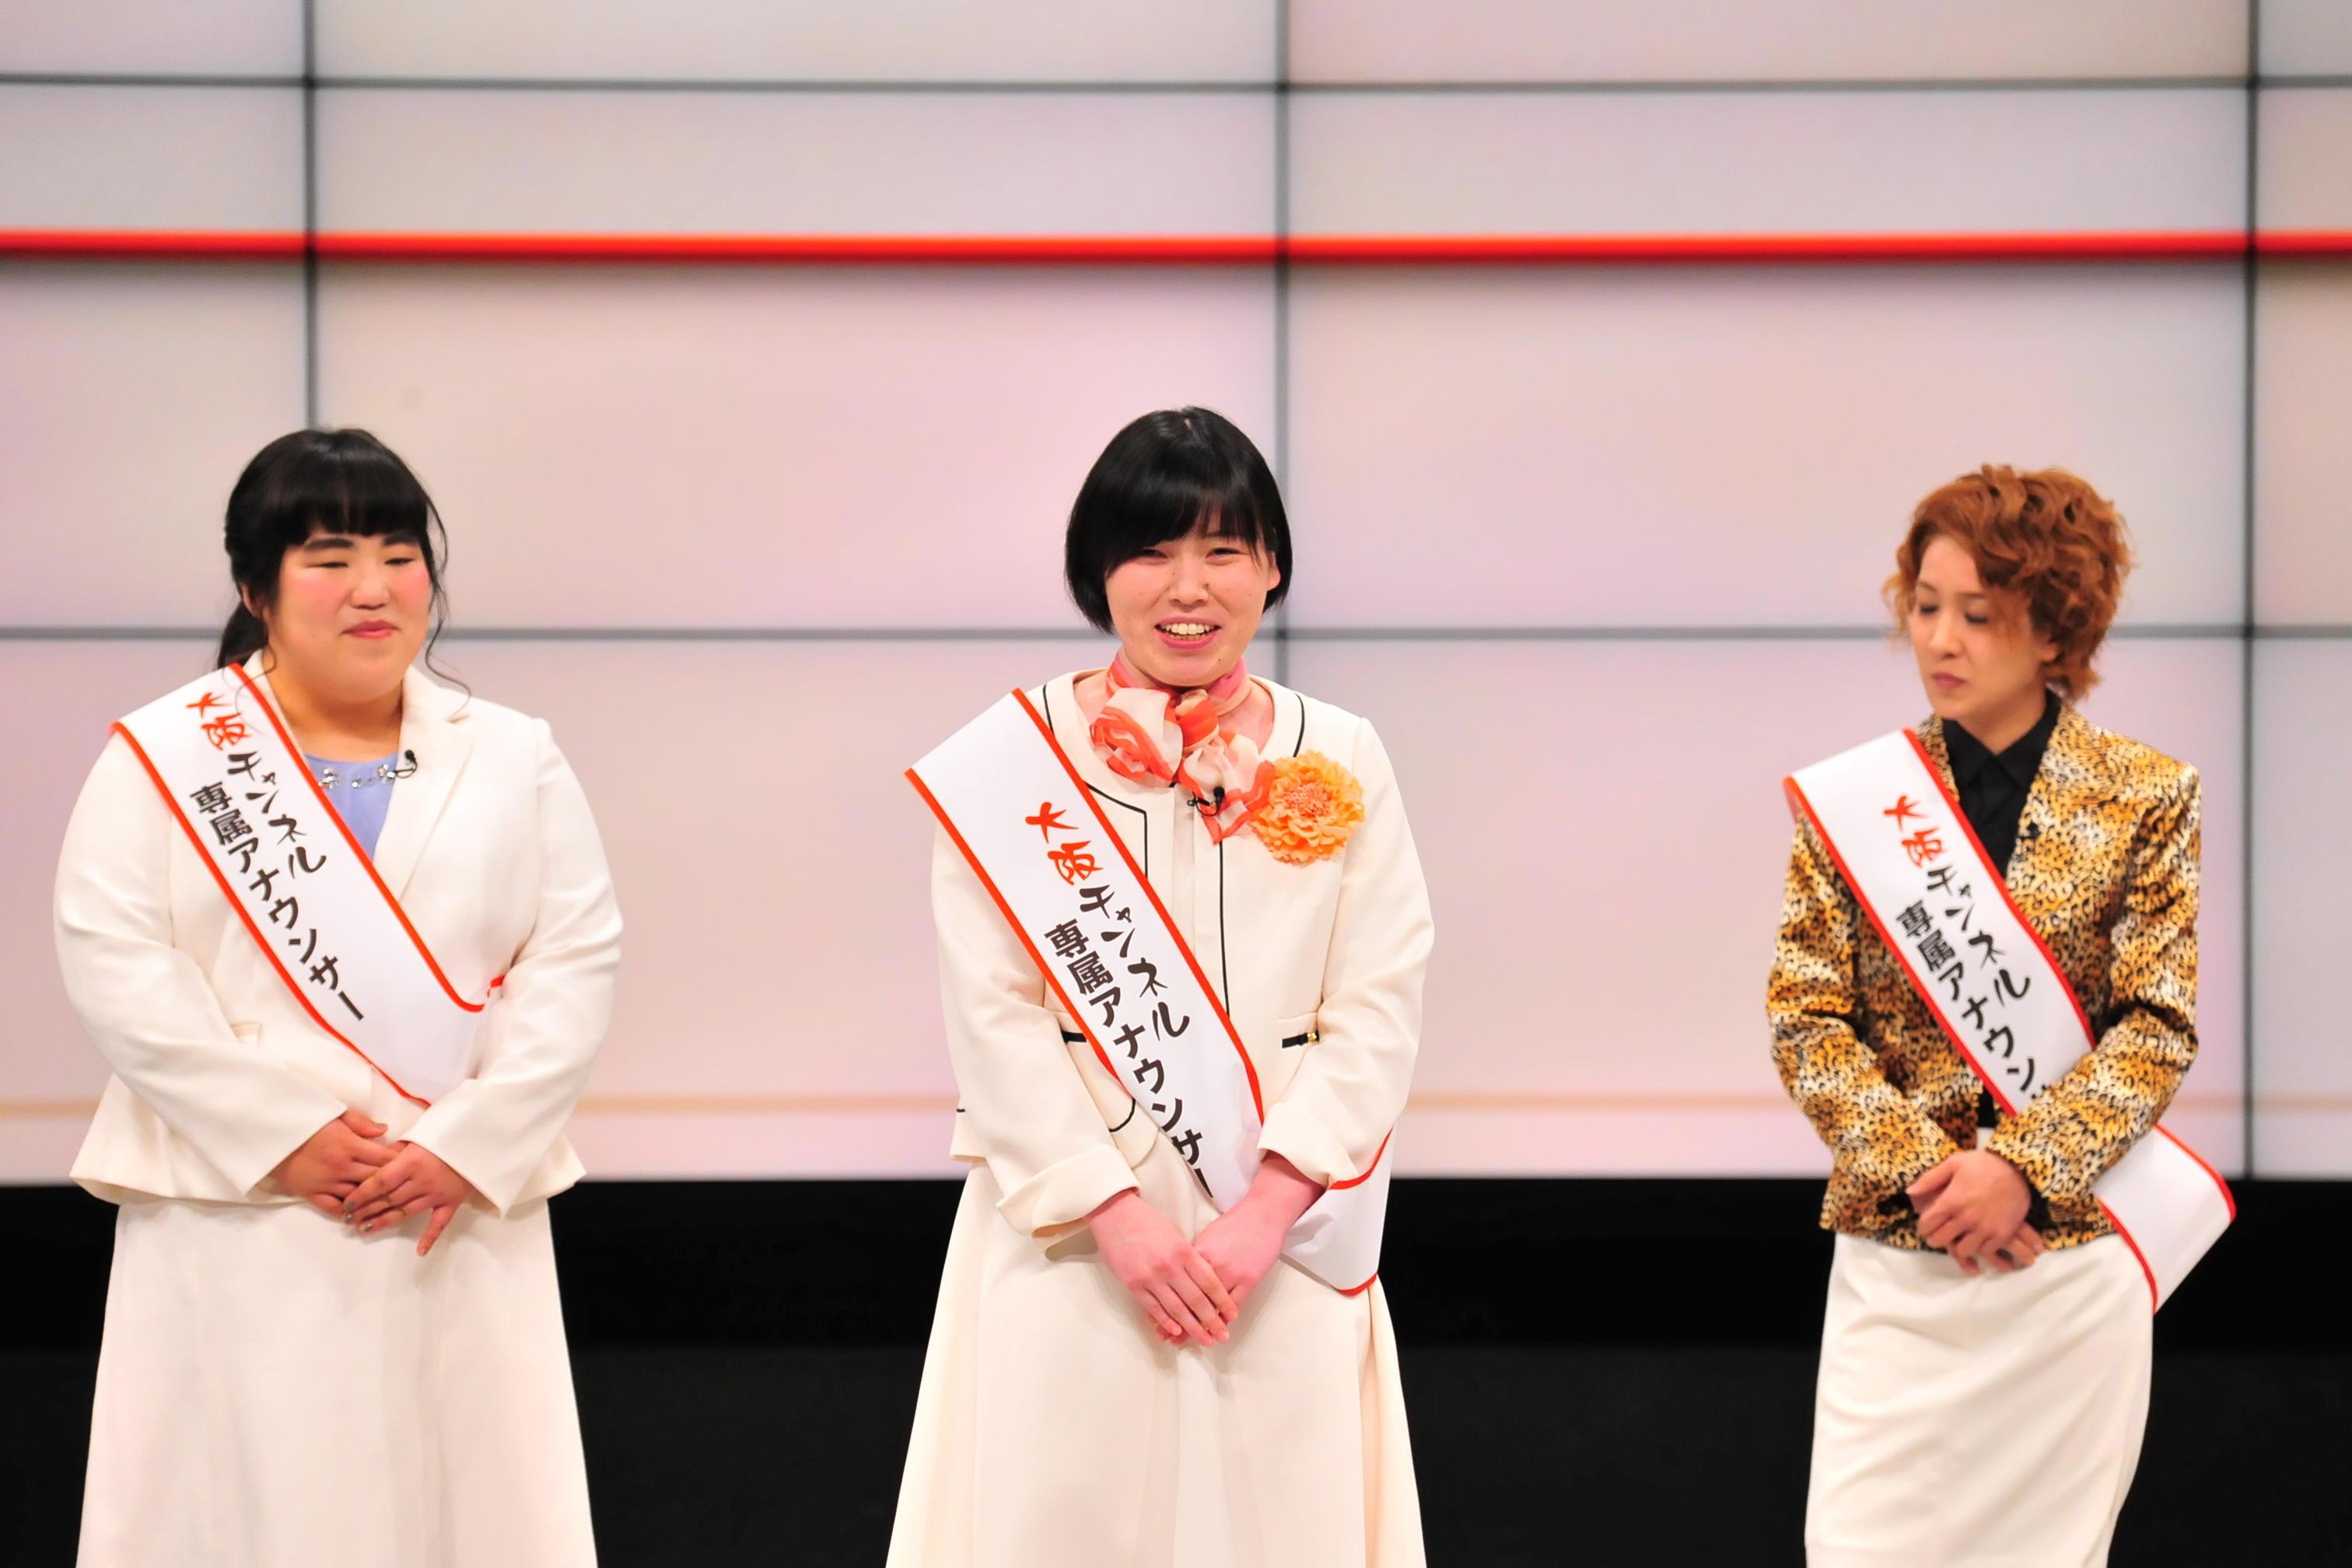 http://news.yoshimoto.co.jp/20170425161036-01f8b97a0494bab33c2f725cdd79e4c1d1fa9b80.jpg